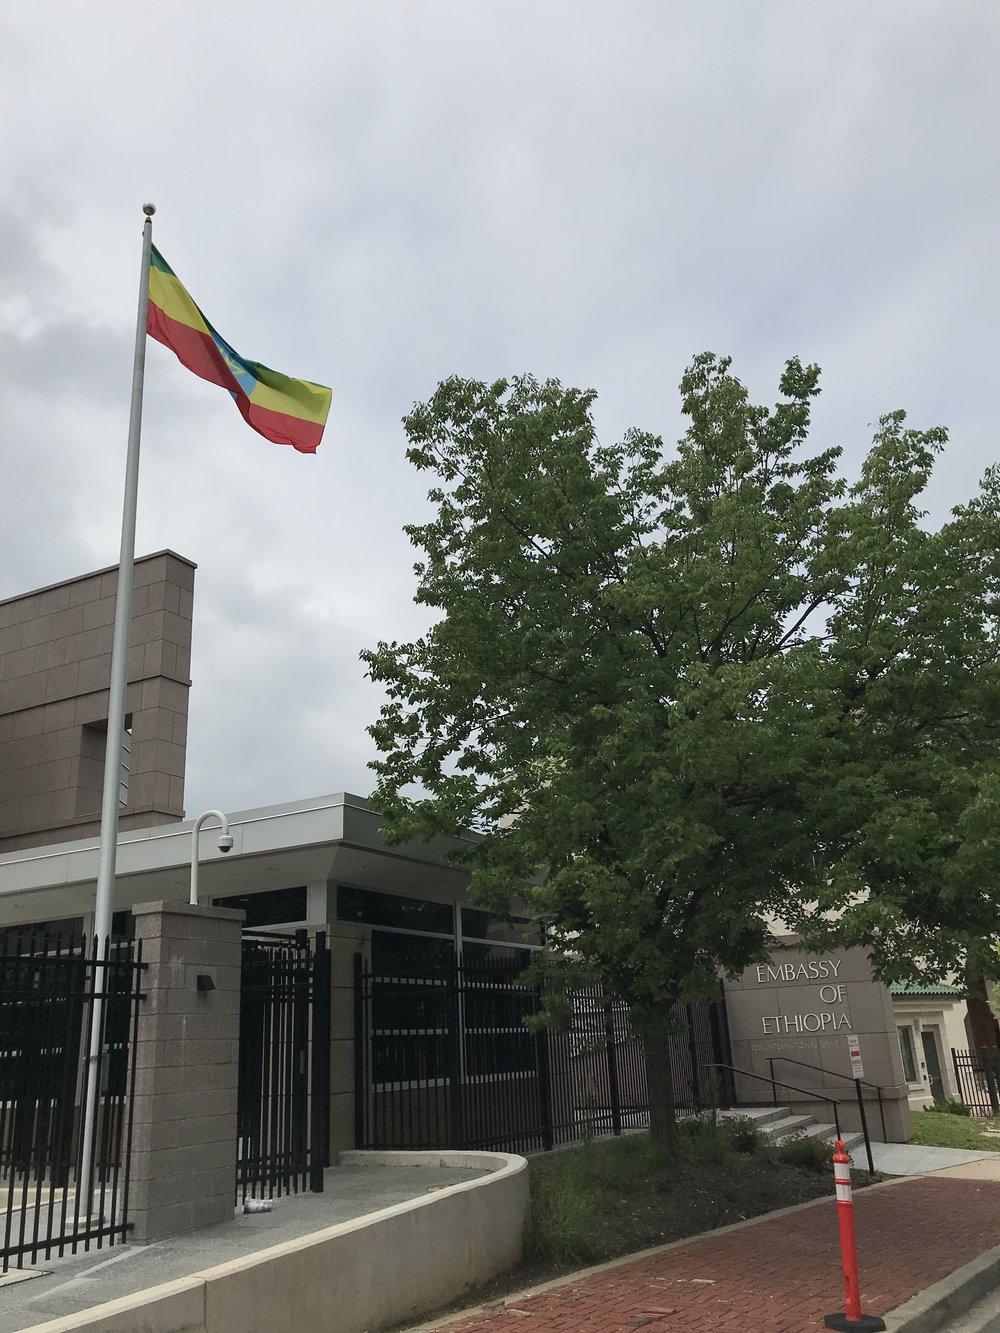 The Embassy of Ethiopia.